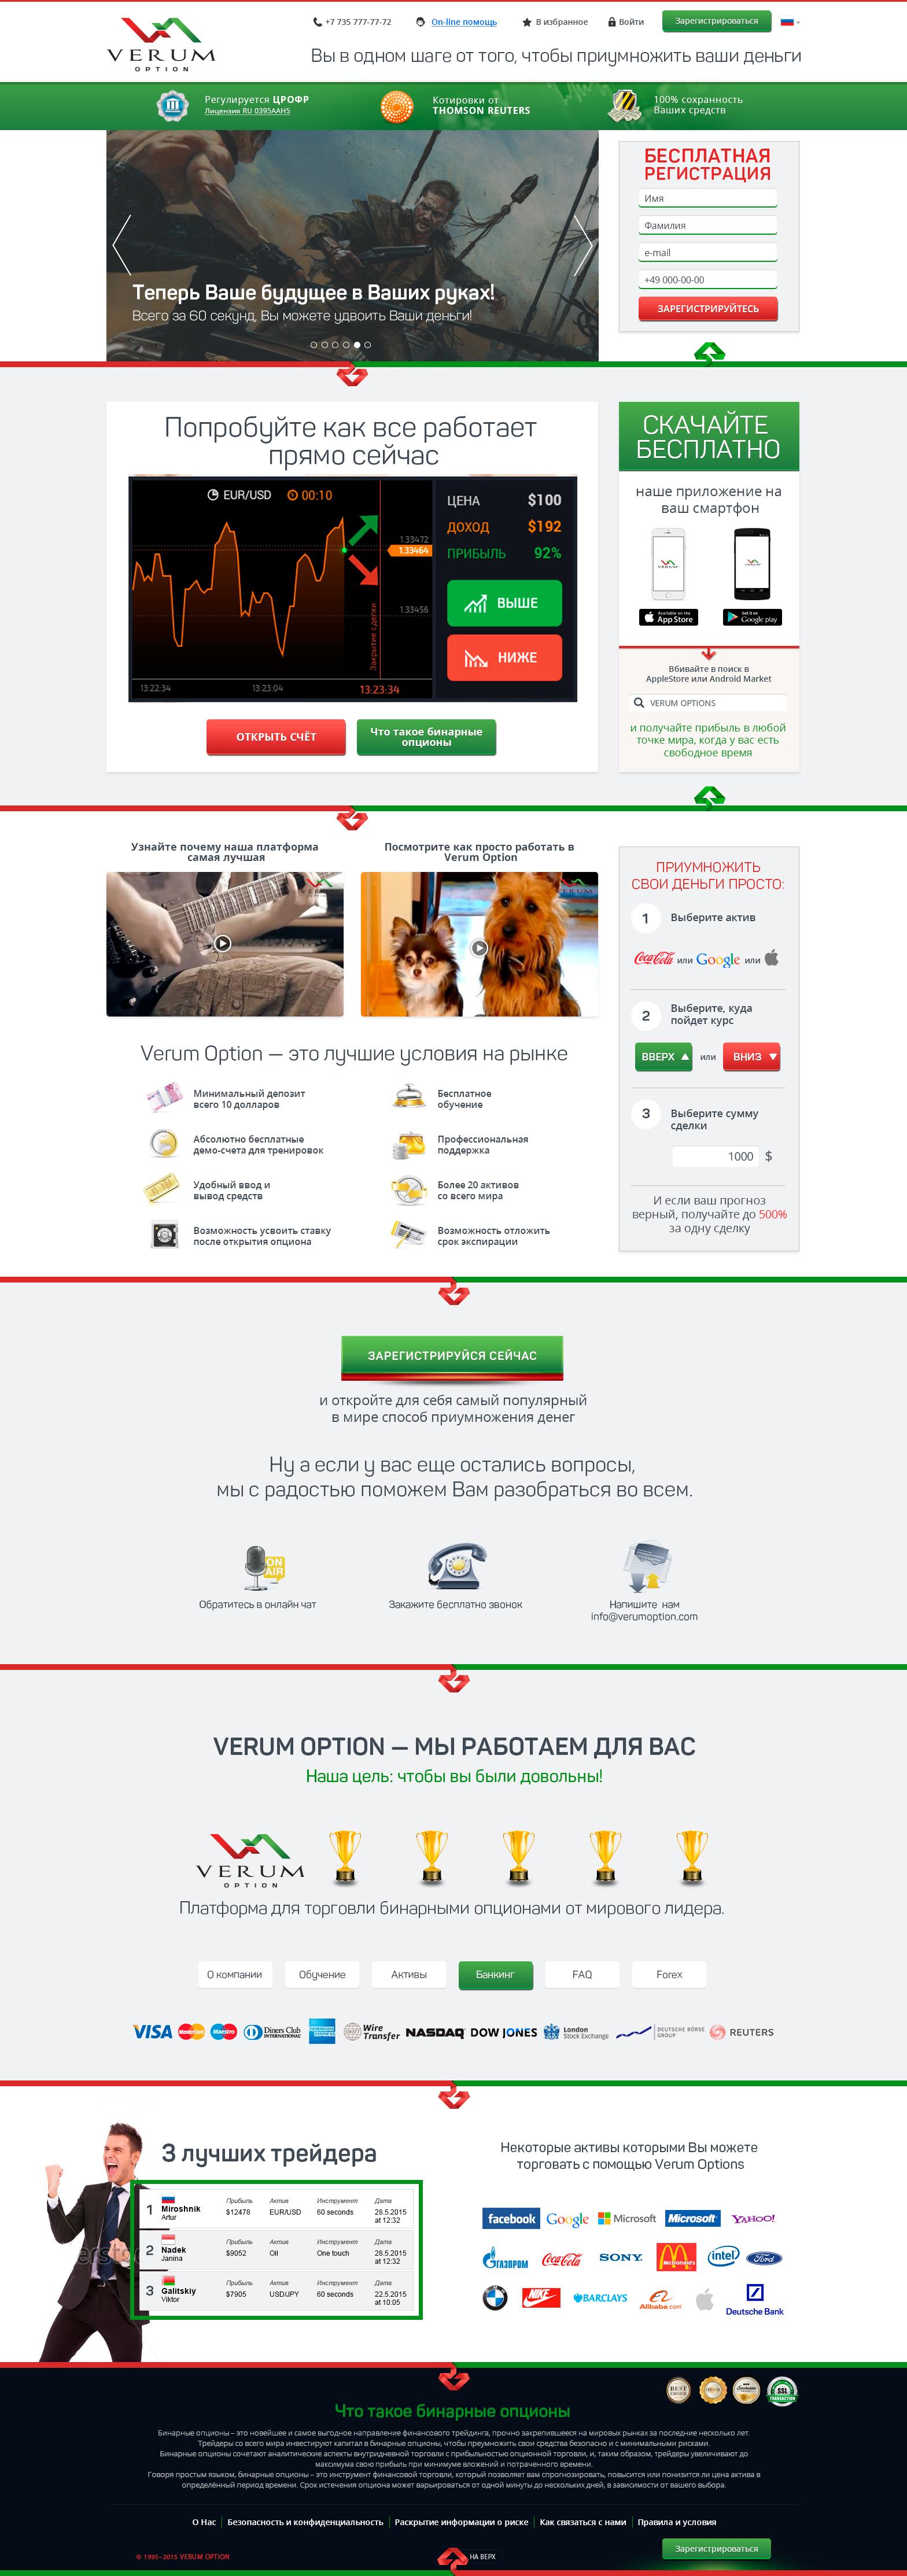 Verum FX web-site